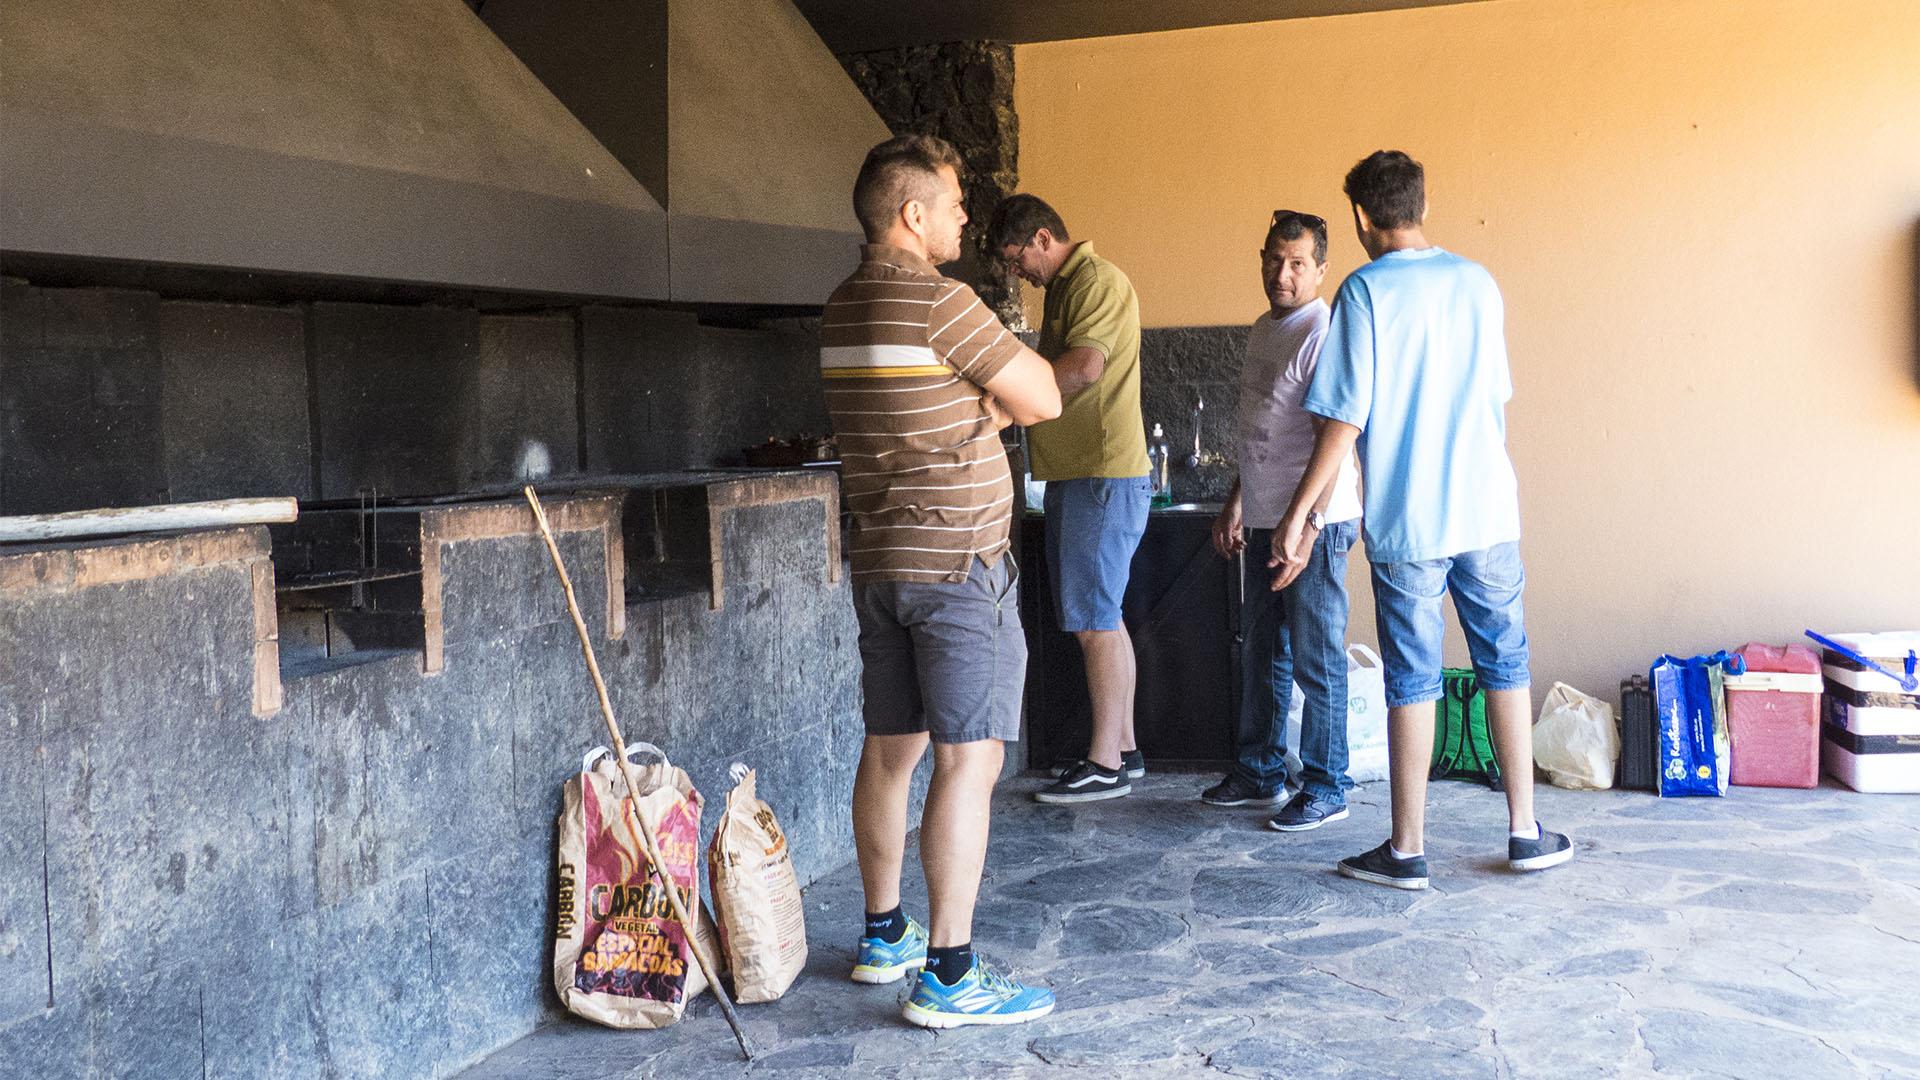 Sehenswürdigkeiten Fuerteventuras: Betancuria – Castillo de Lara area recreativa Betancuria